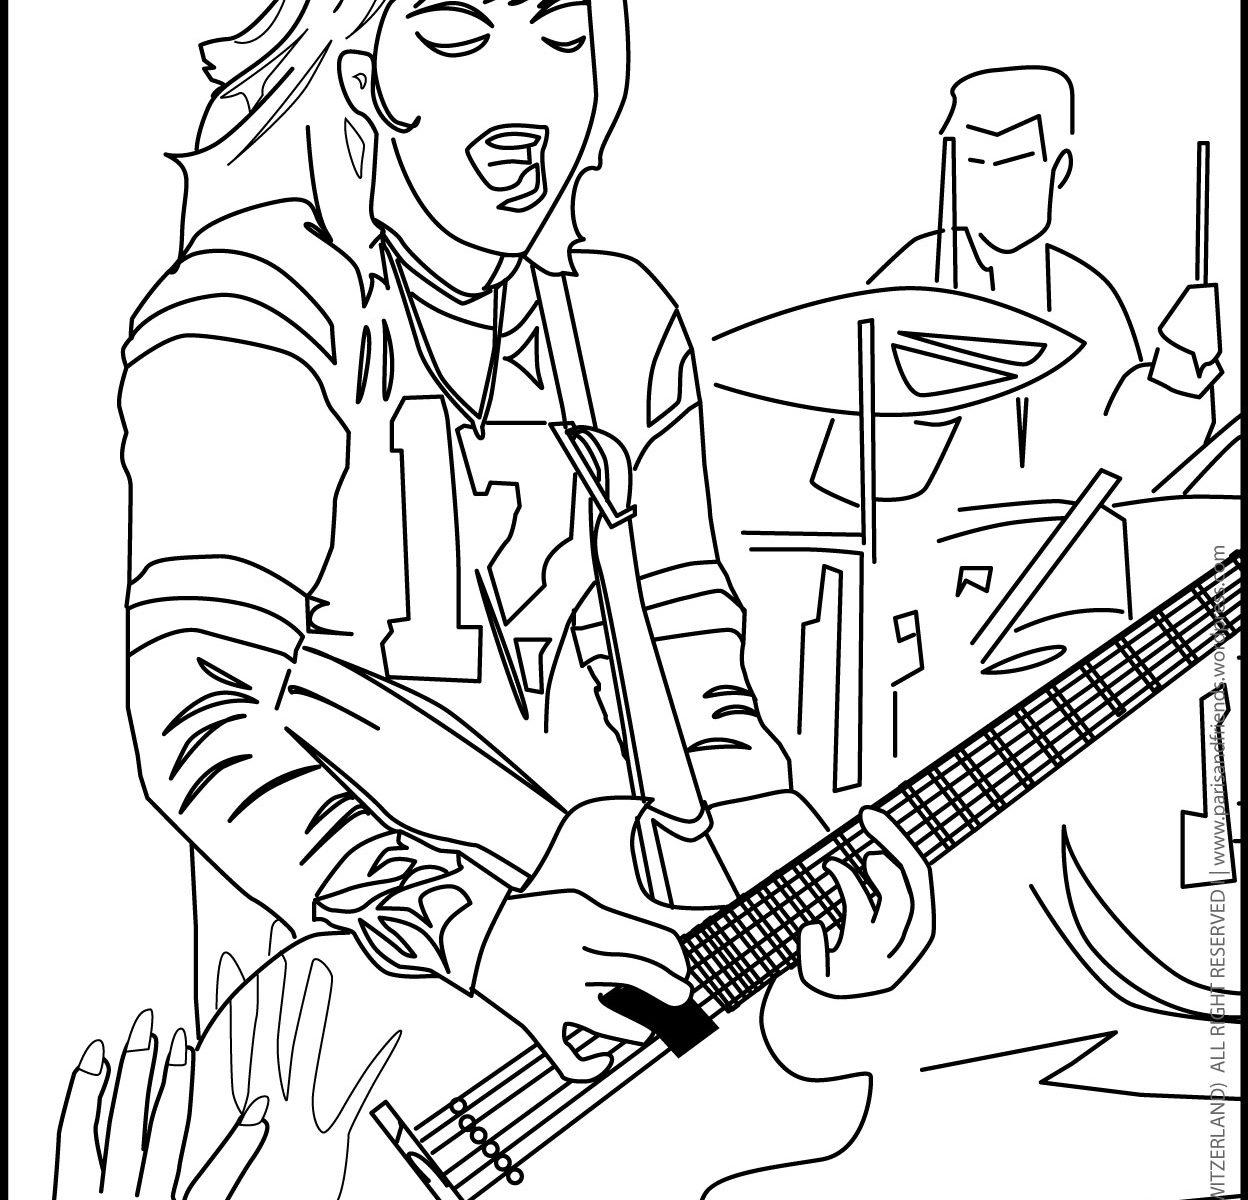 Electric Guitar Pencil Drawing At Getdrawings